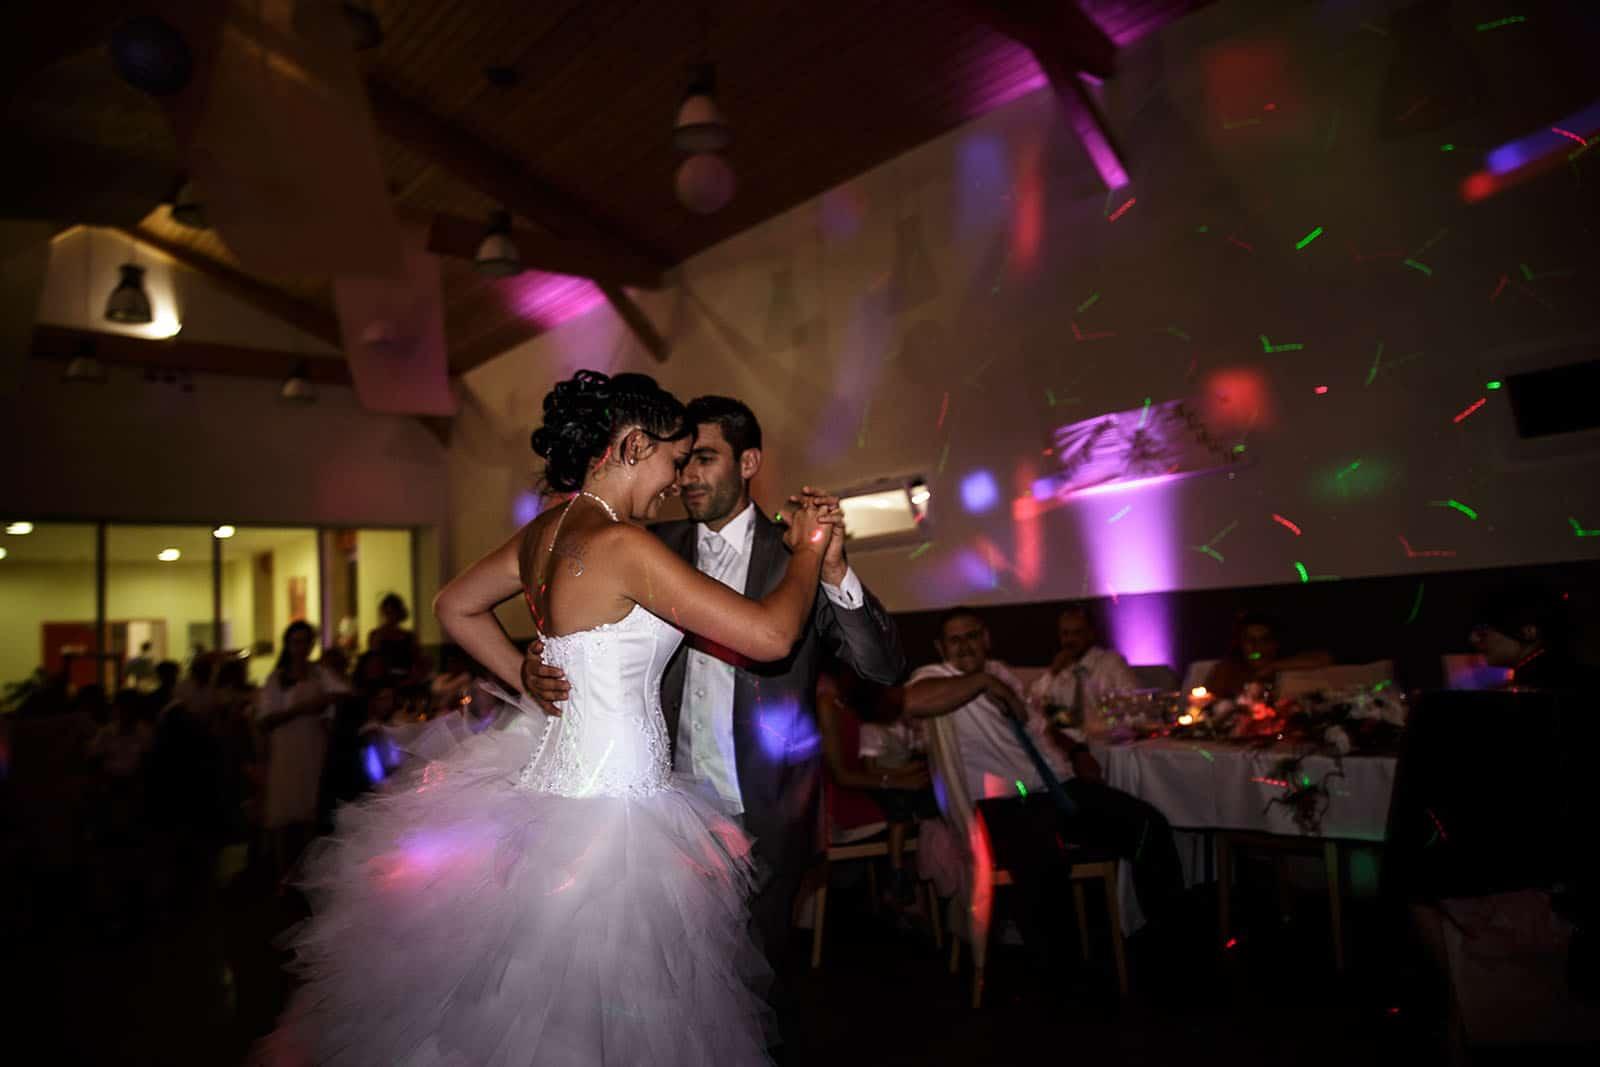 Ouverture du bal par les mariés. Photo réalisée par Castille ALMA photographe de mariage à Chambéry.